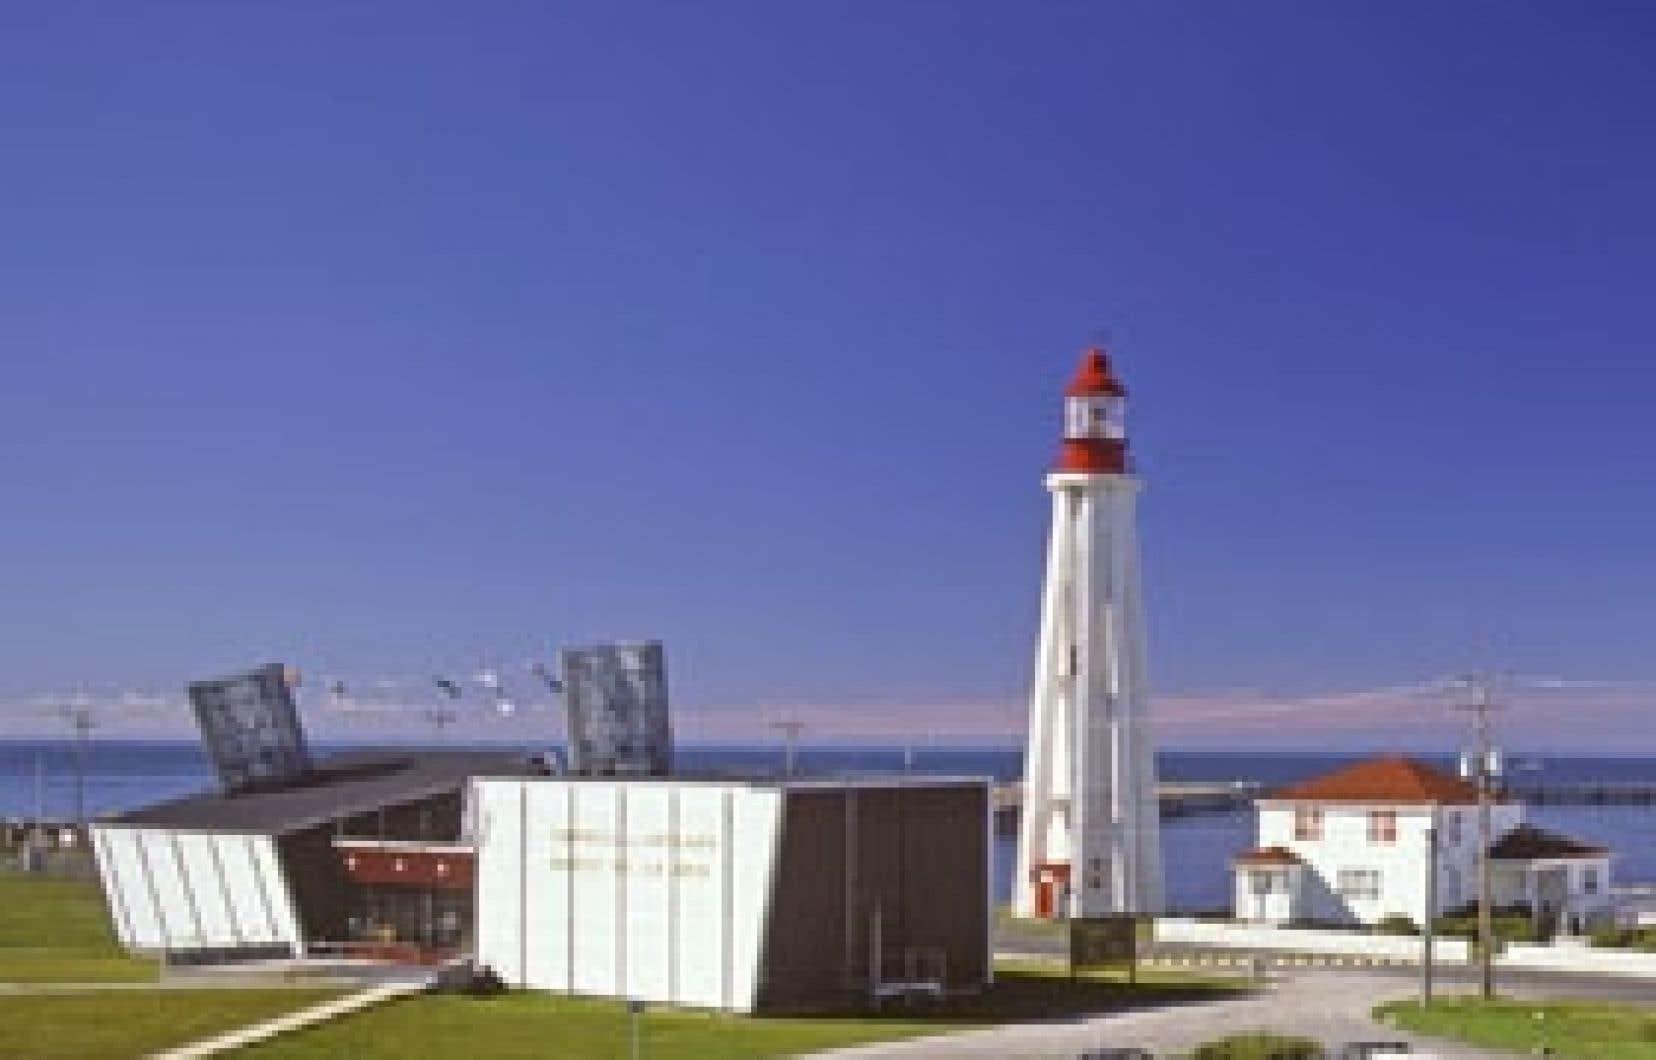 Le pavillon du musée symbolise le navire coupé en deux. Photo: Michel Laverdière